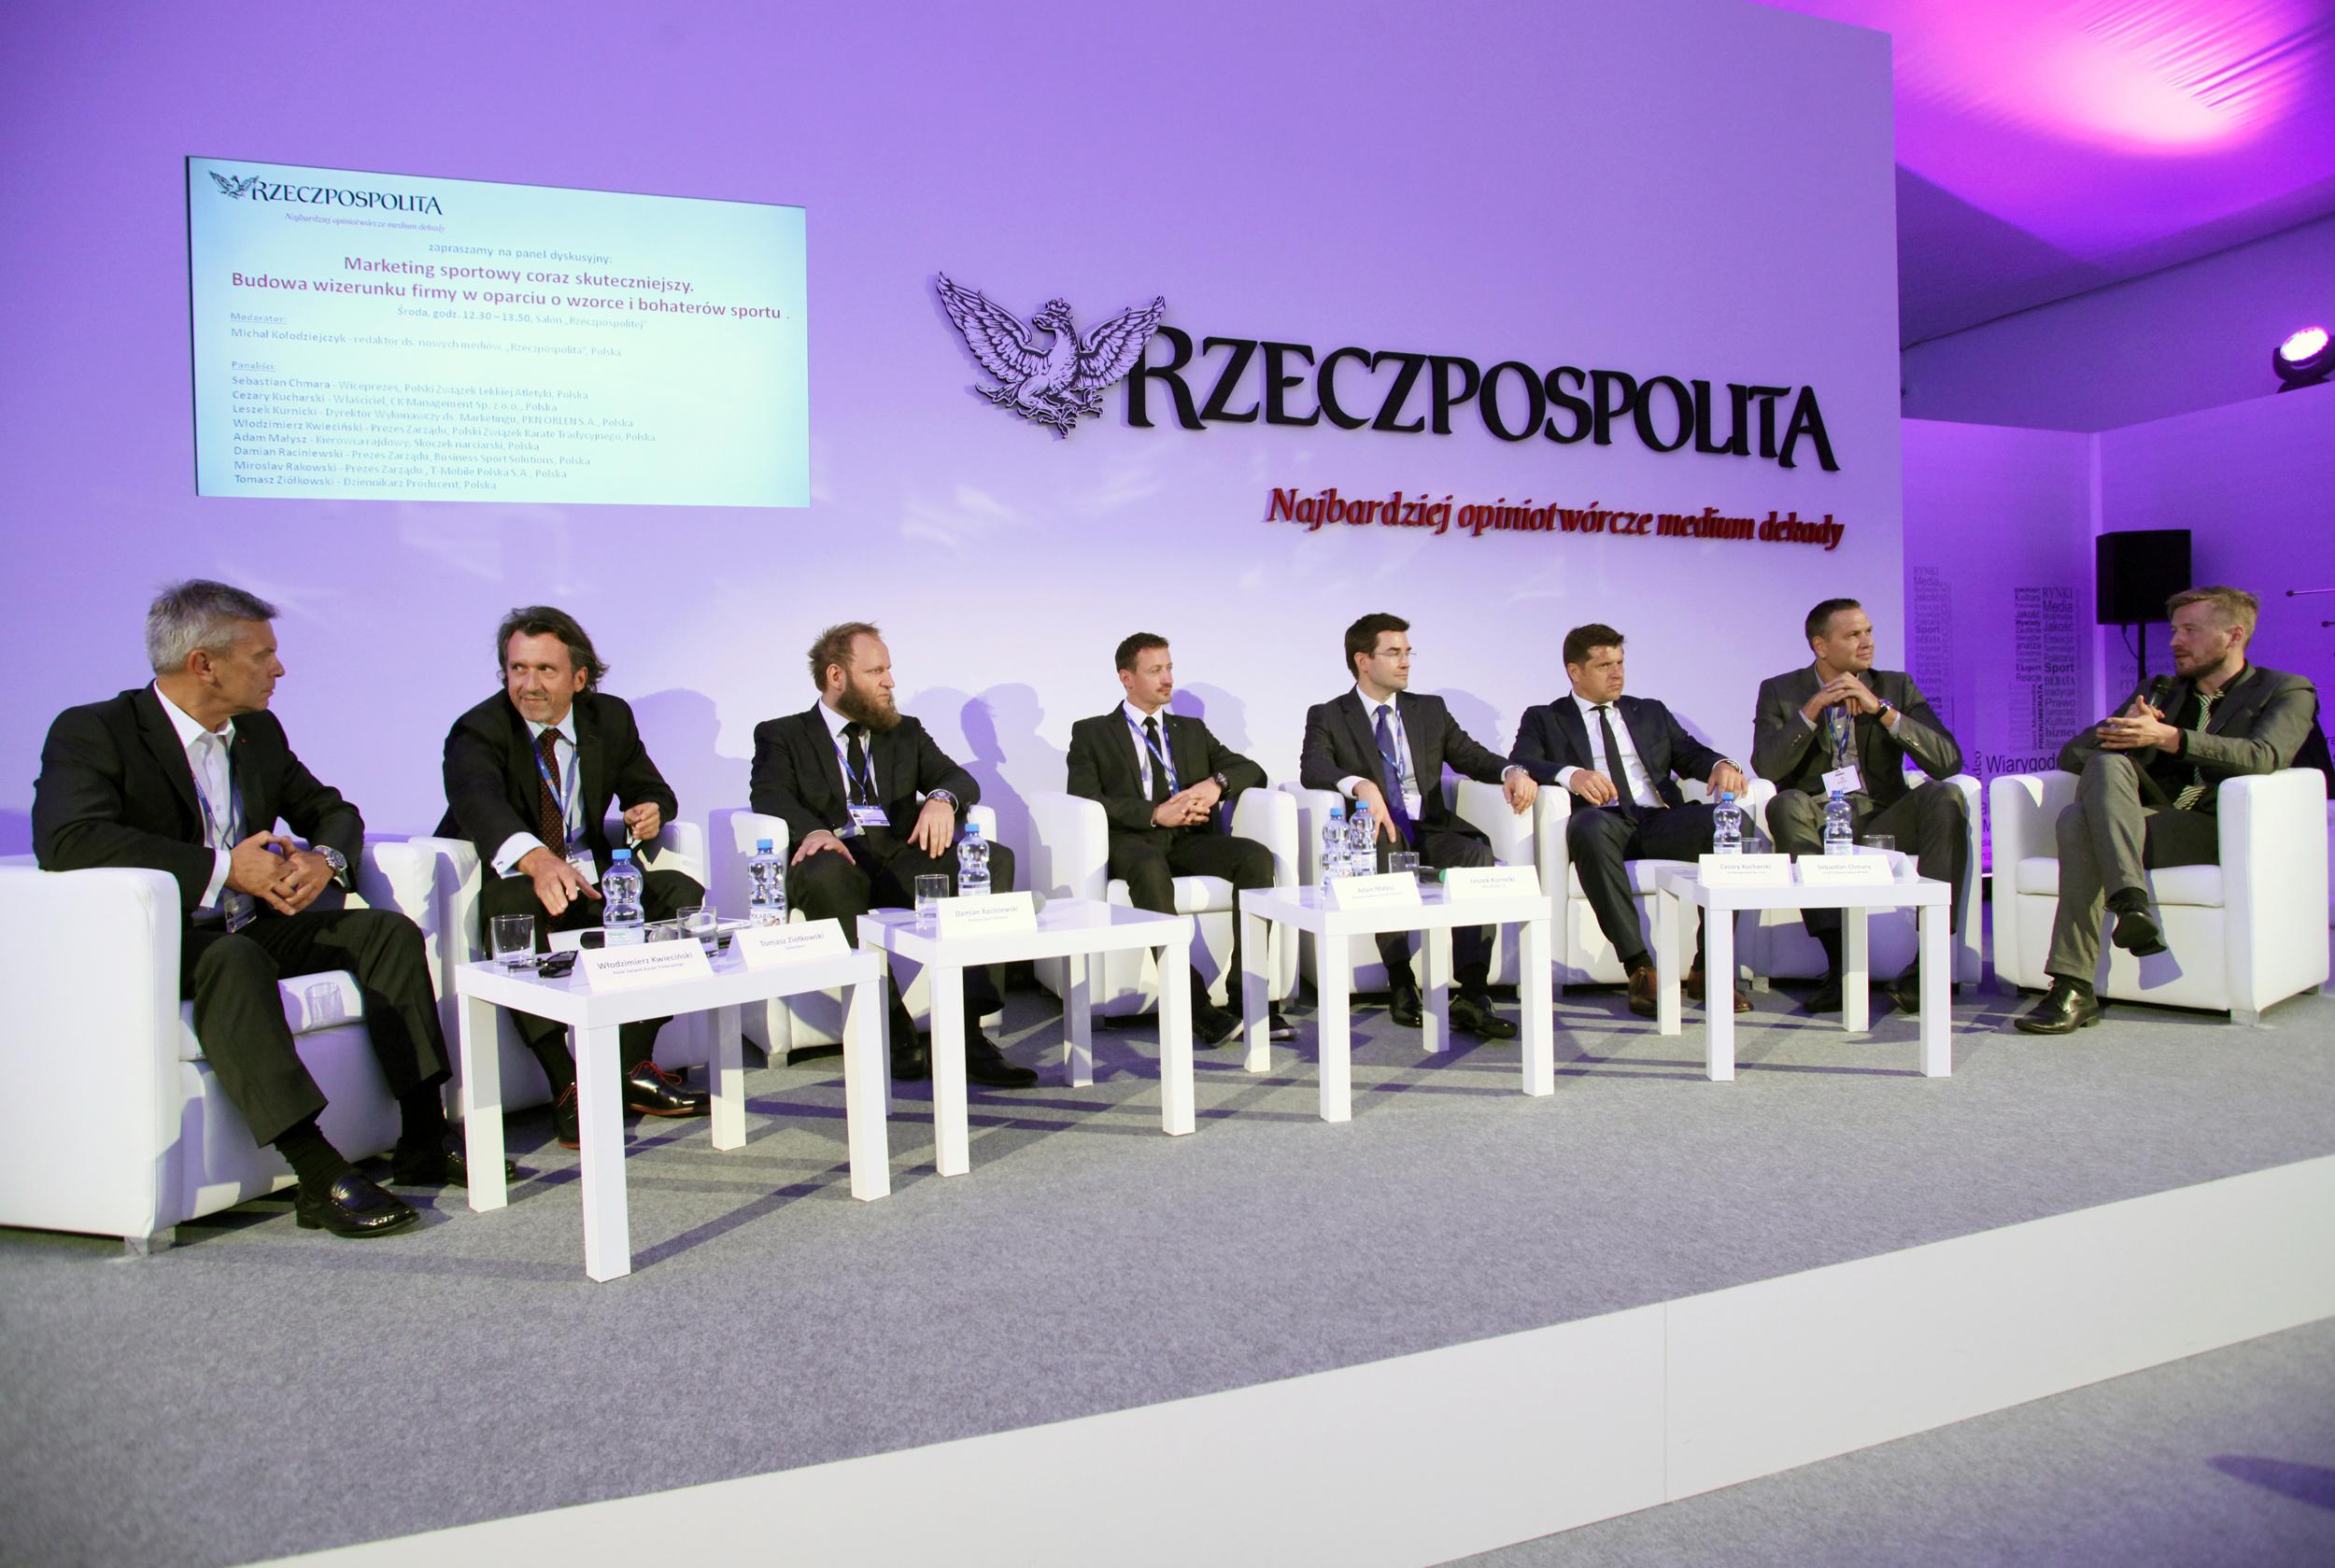 FE w Krynicy 2014 - Marketing sportowy coraz skuteczniejszy. Budowa wizerunku firmy w oparciu o wzorce i bohaterów sportu.